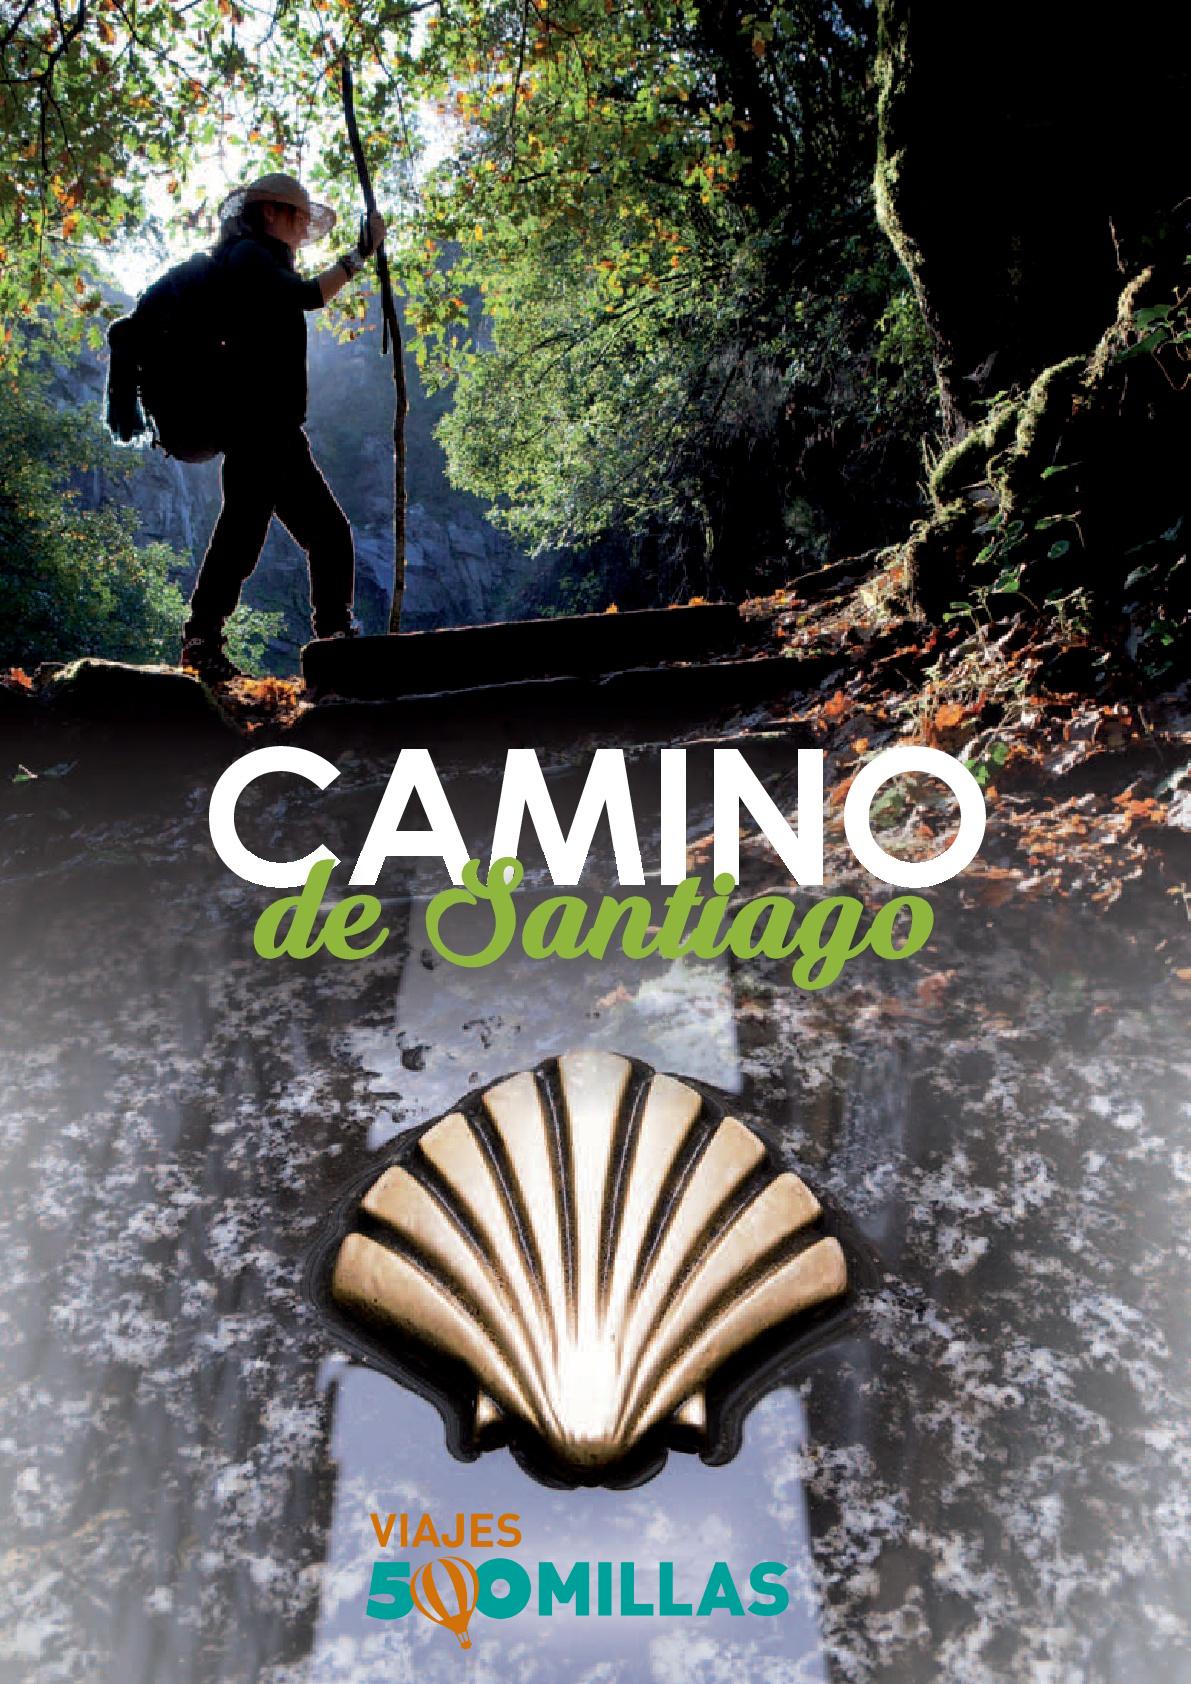 Camino de Santiago. Realiza el Camino de Santiago Portugués, el Camino de Santiago Primitivo, el el Camino de Santiago Inglés, el Camino de Santiago Francés desde Roncesvalles para grupos o individuales.